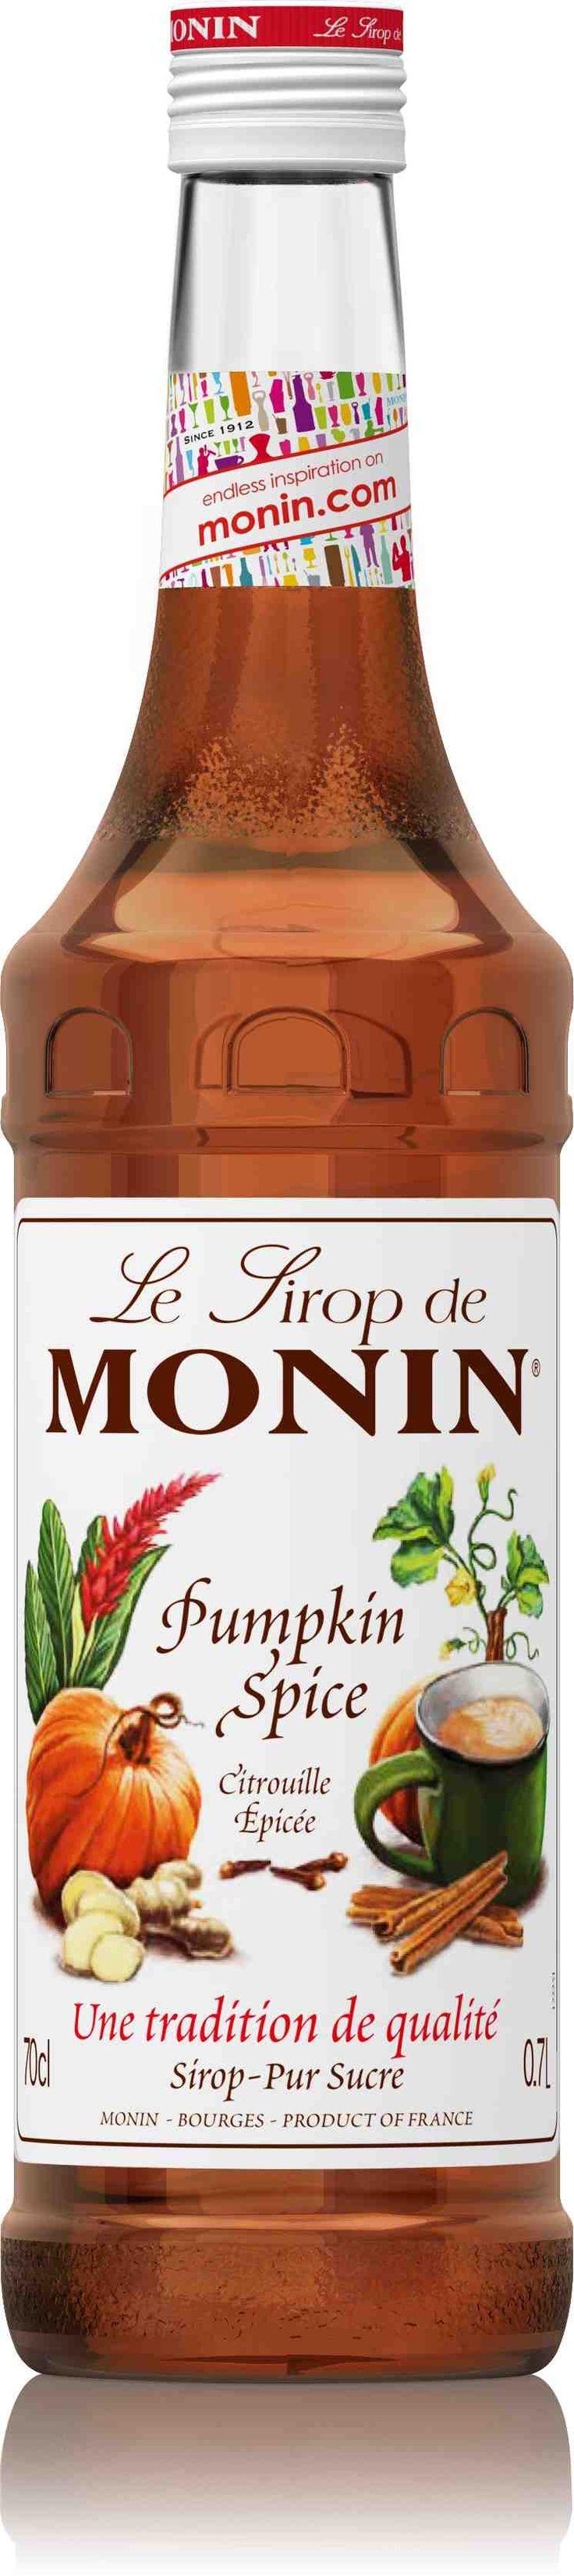 Le sirop Monin d'Halloween : super bon. Test + idée recette de smoothie sur http://place-to-be.net/index.php/gastronomie/3697-le-sirop-monin-d-halloween